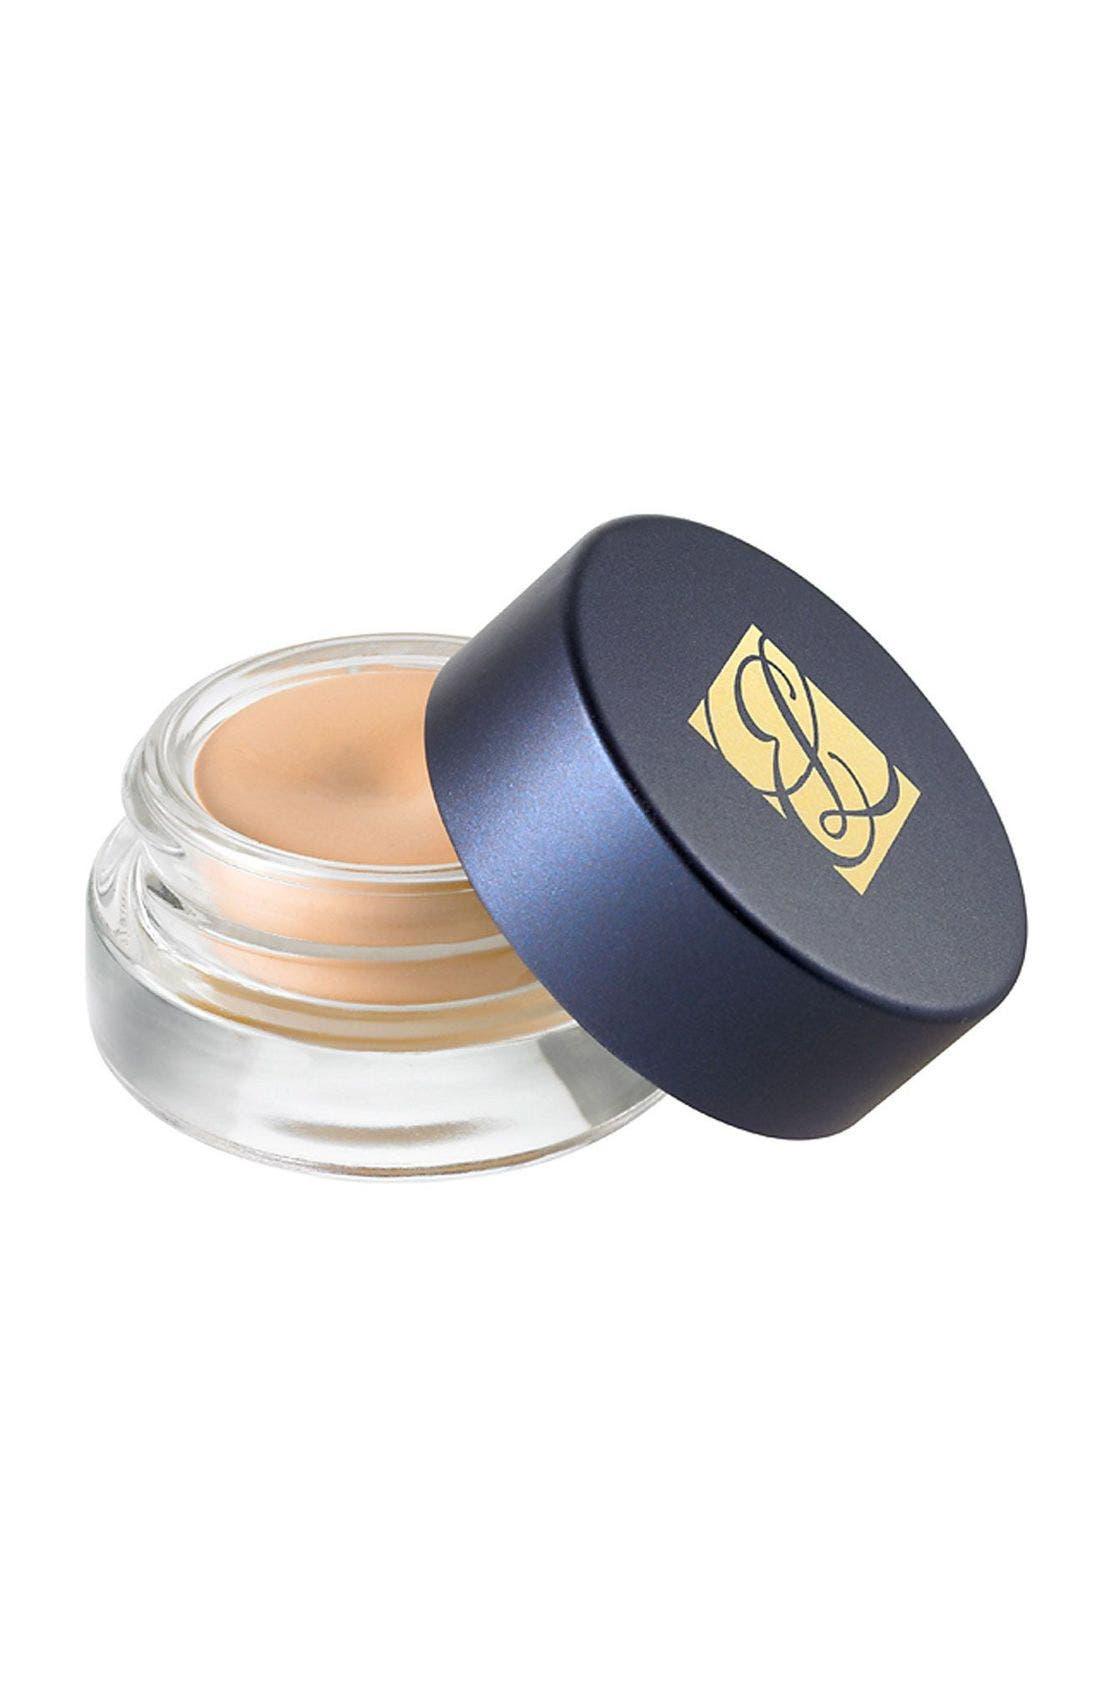 Estee Lauder Double Wear Stay-In-Place Eyeshadow Base -